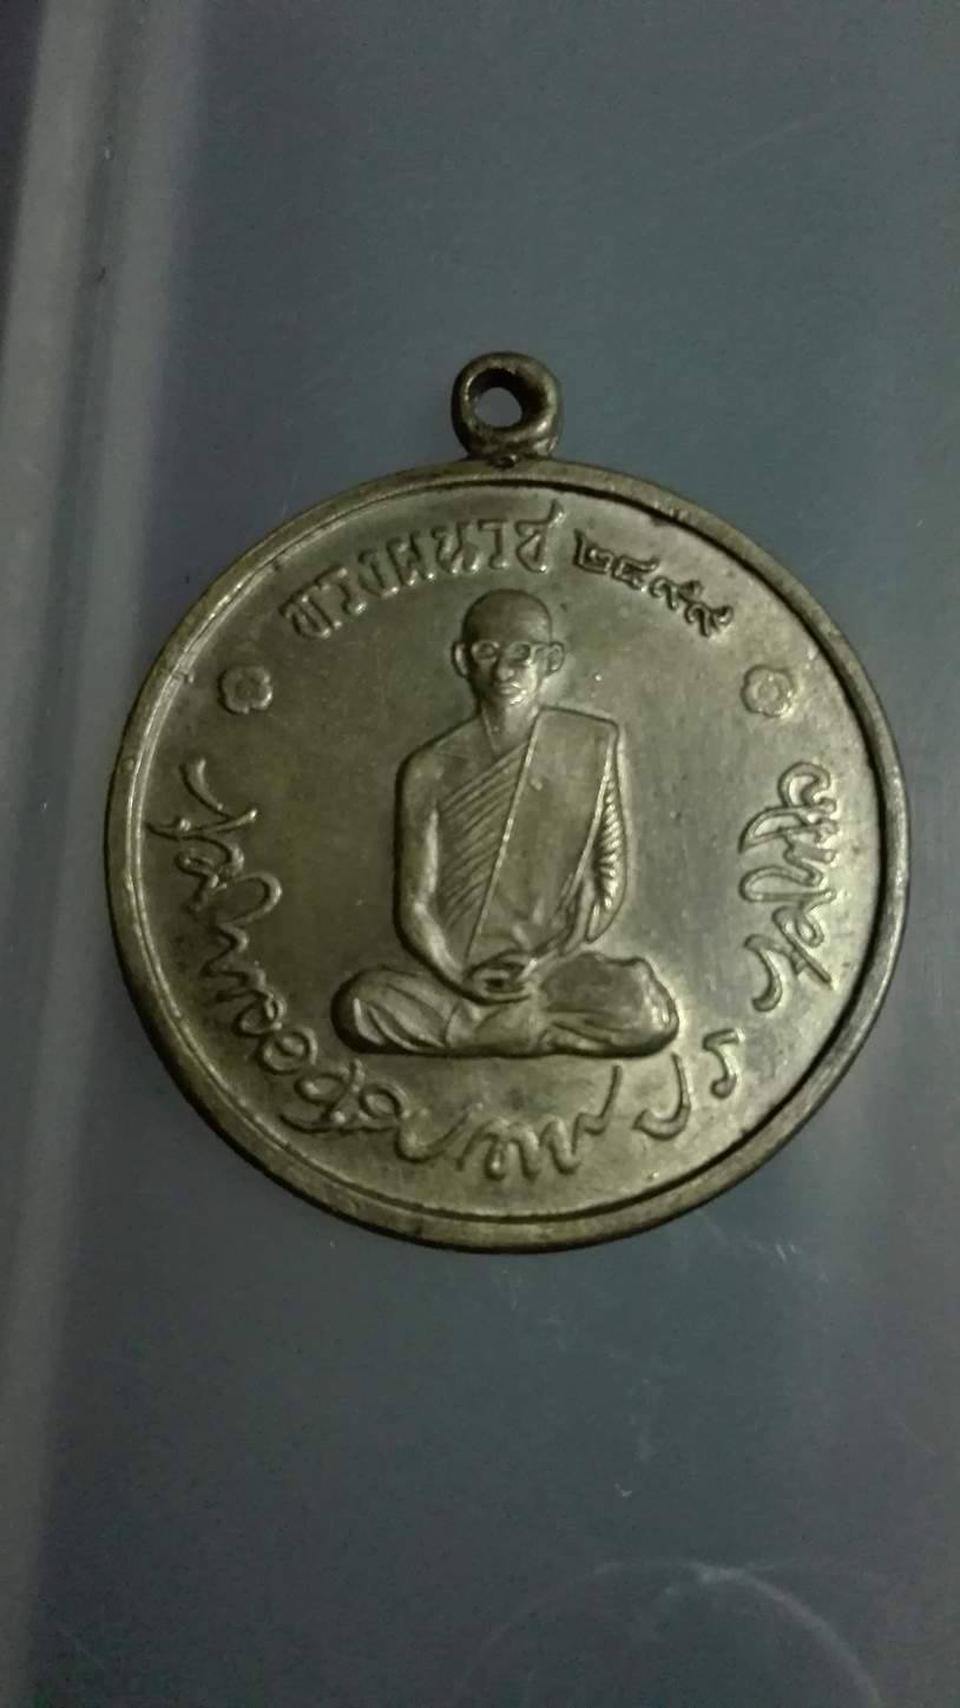 เหรียญ ทรงผนวช ร.9 ปี2508 เนื้ออัลปาก้า วัดบวรนิเวศวิหาร รูปที่ 1